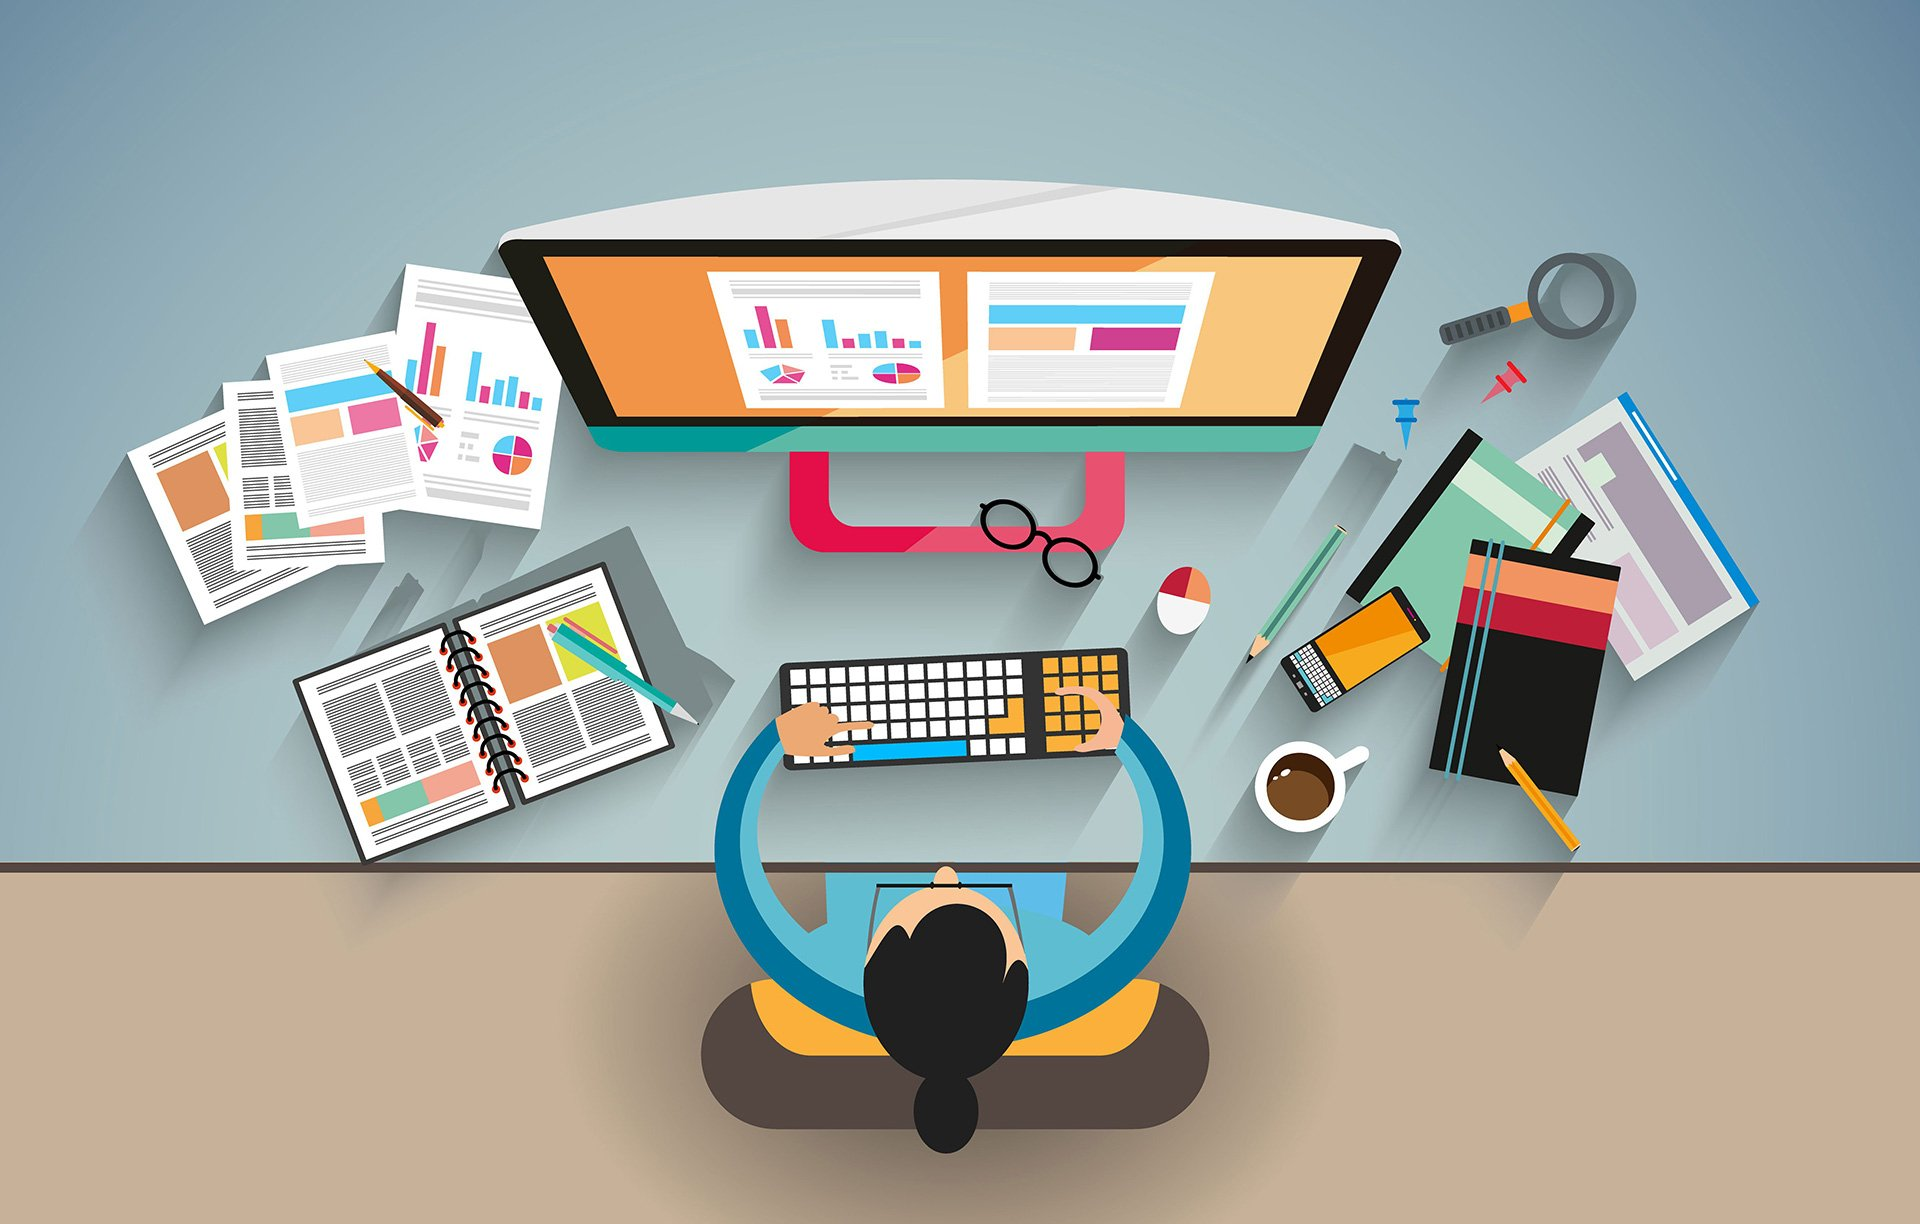 Создание веб сайта в illustrator гвс инжиниринг компания сайт